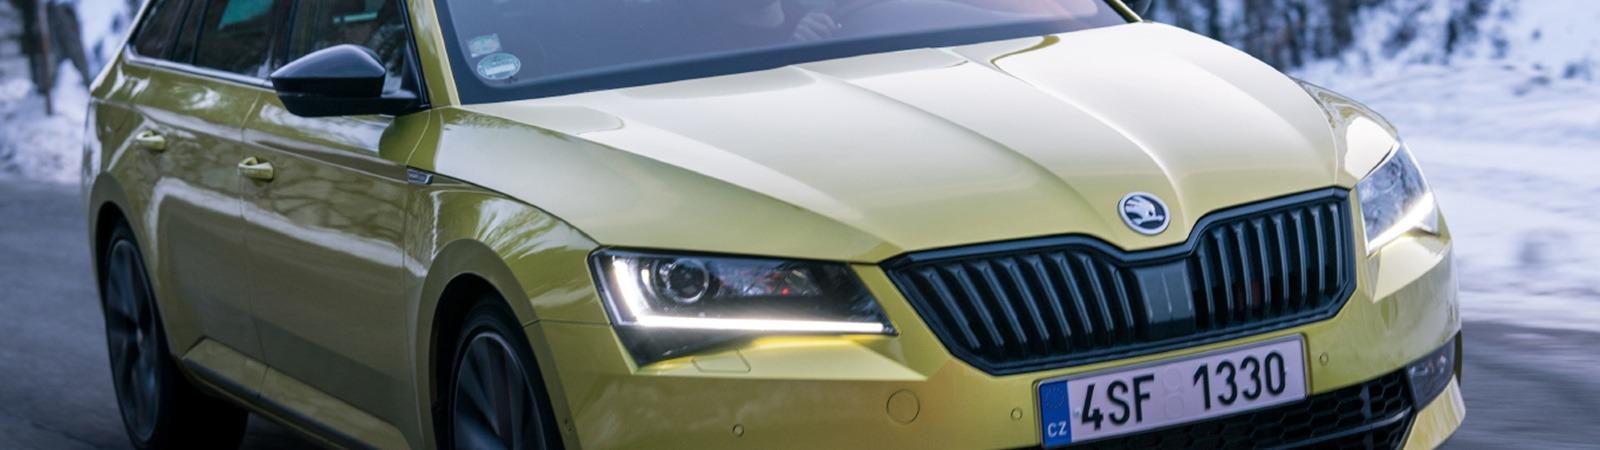 Škoda Auto: Winter Tips